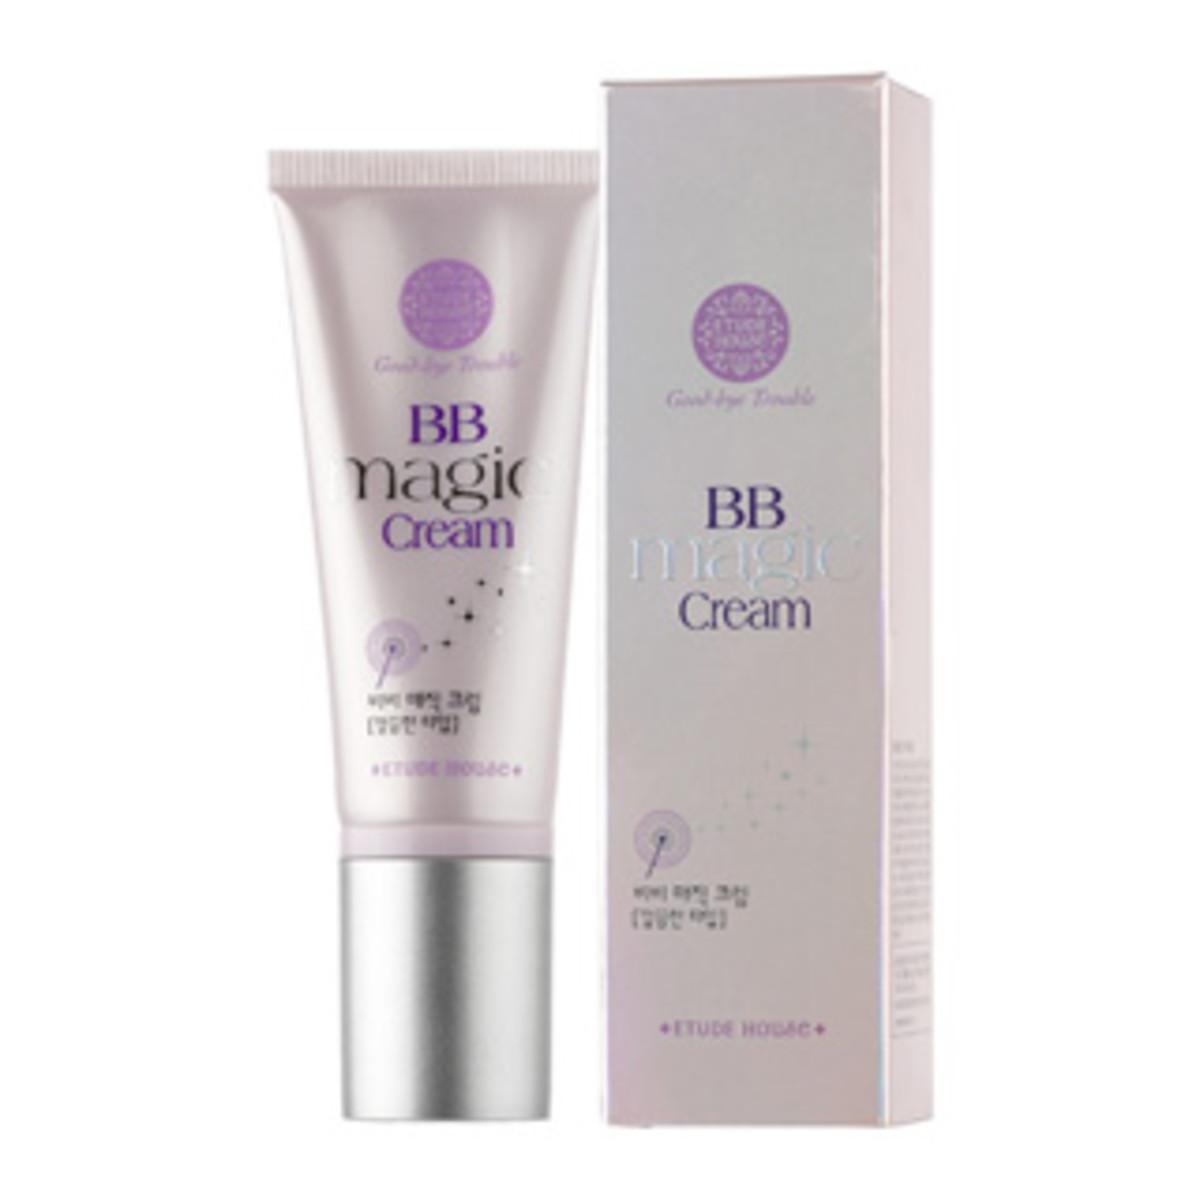 BB Magic Cream.